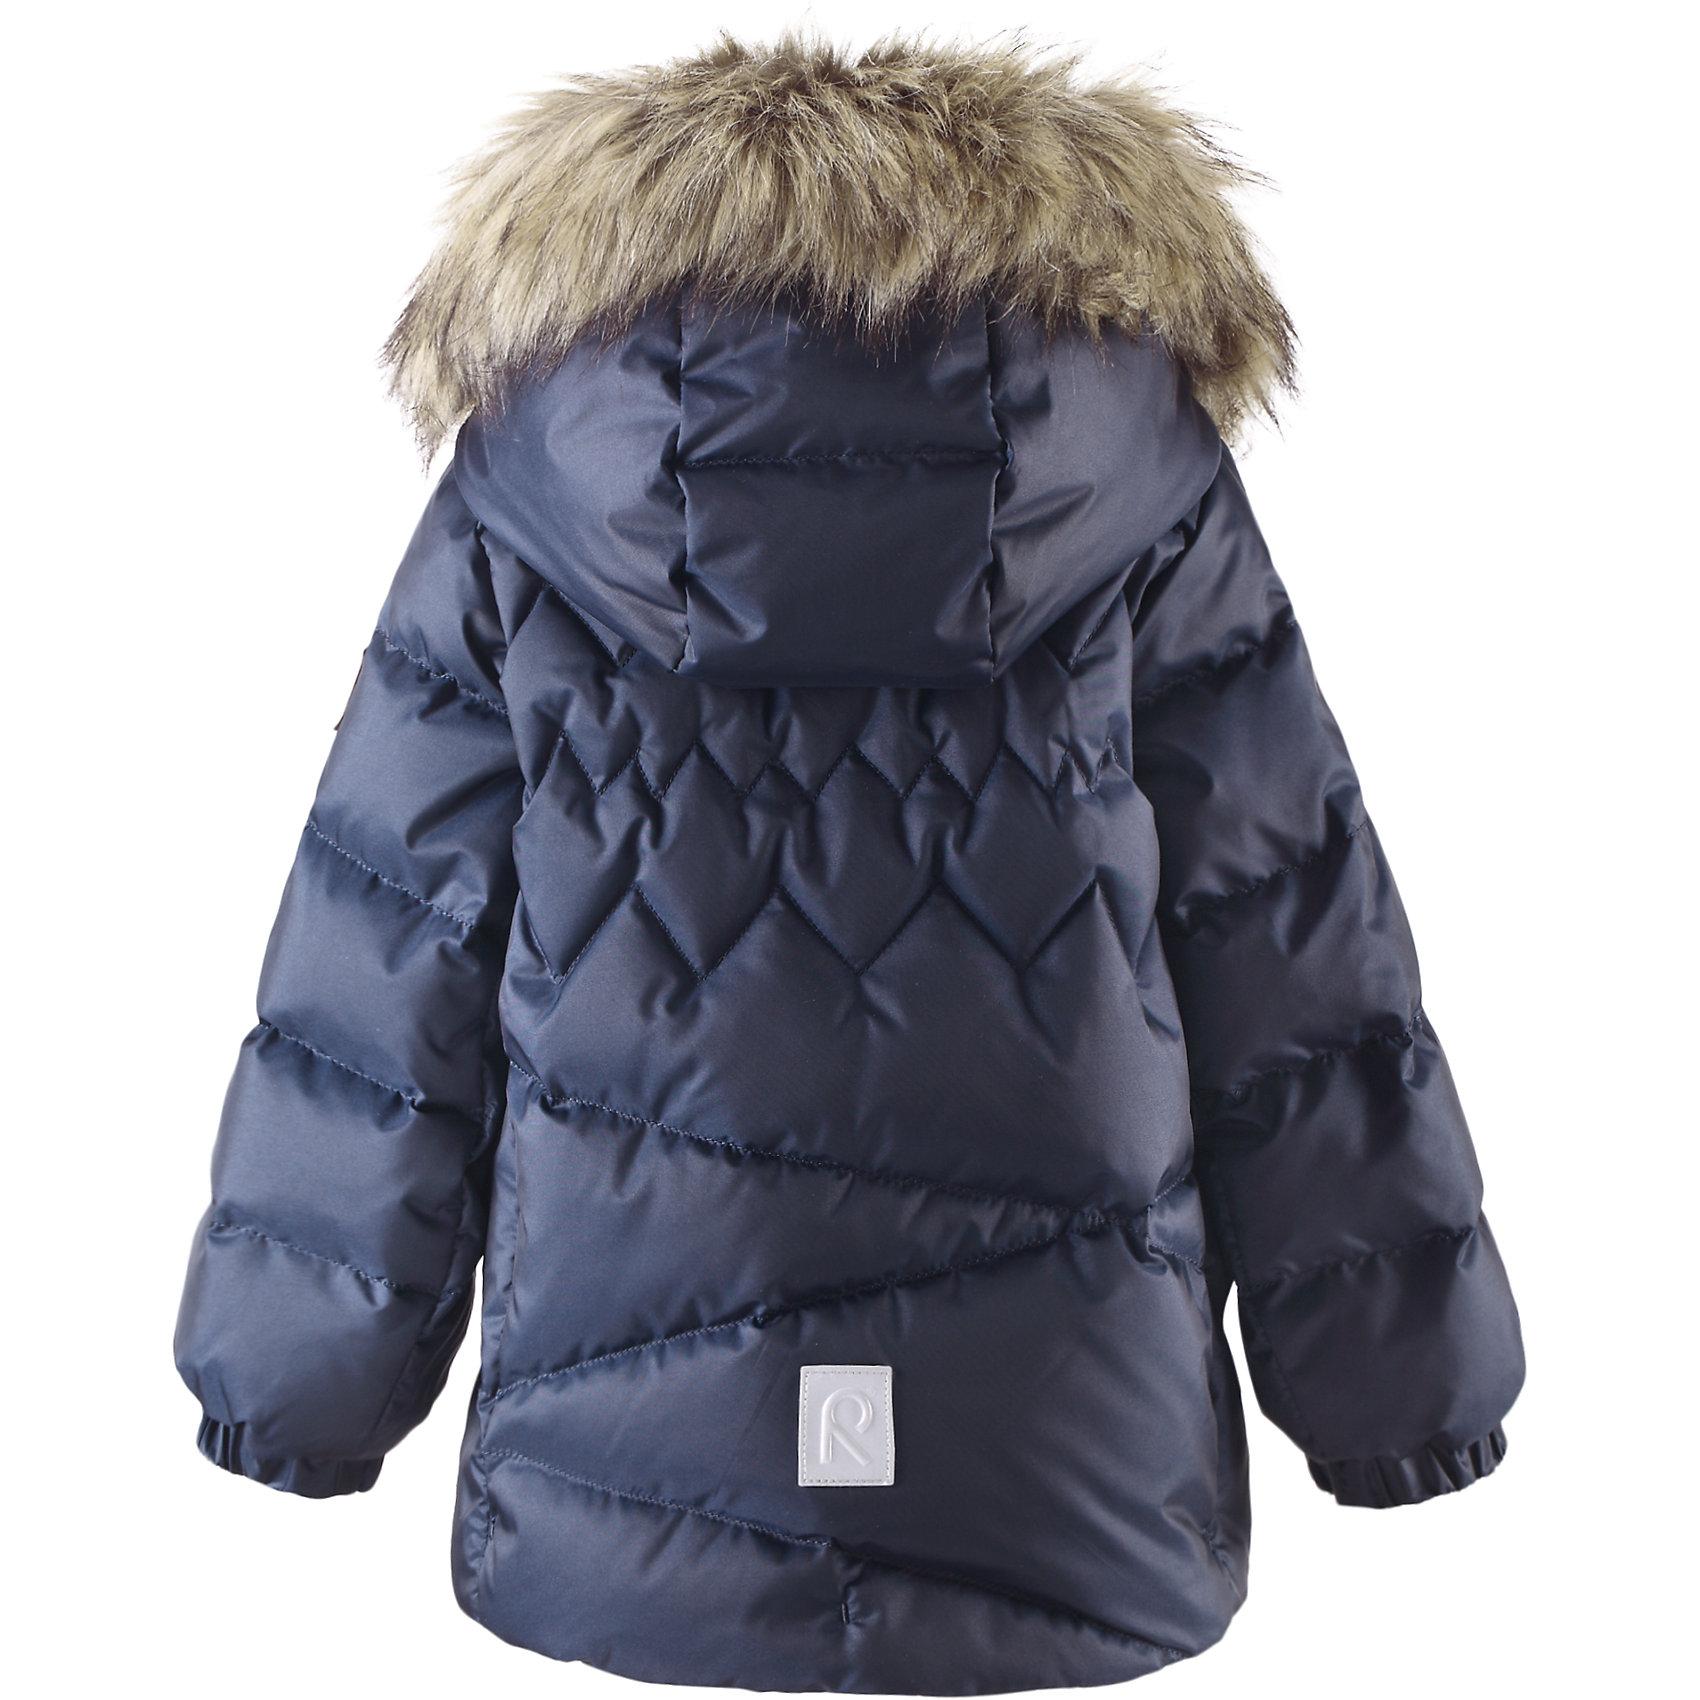 Куртка Hoppu для мальчика Reima от myToys